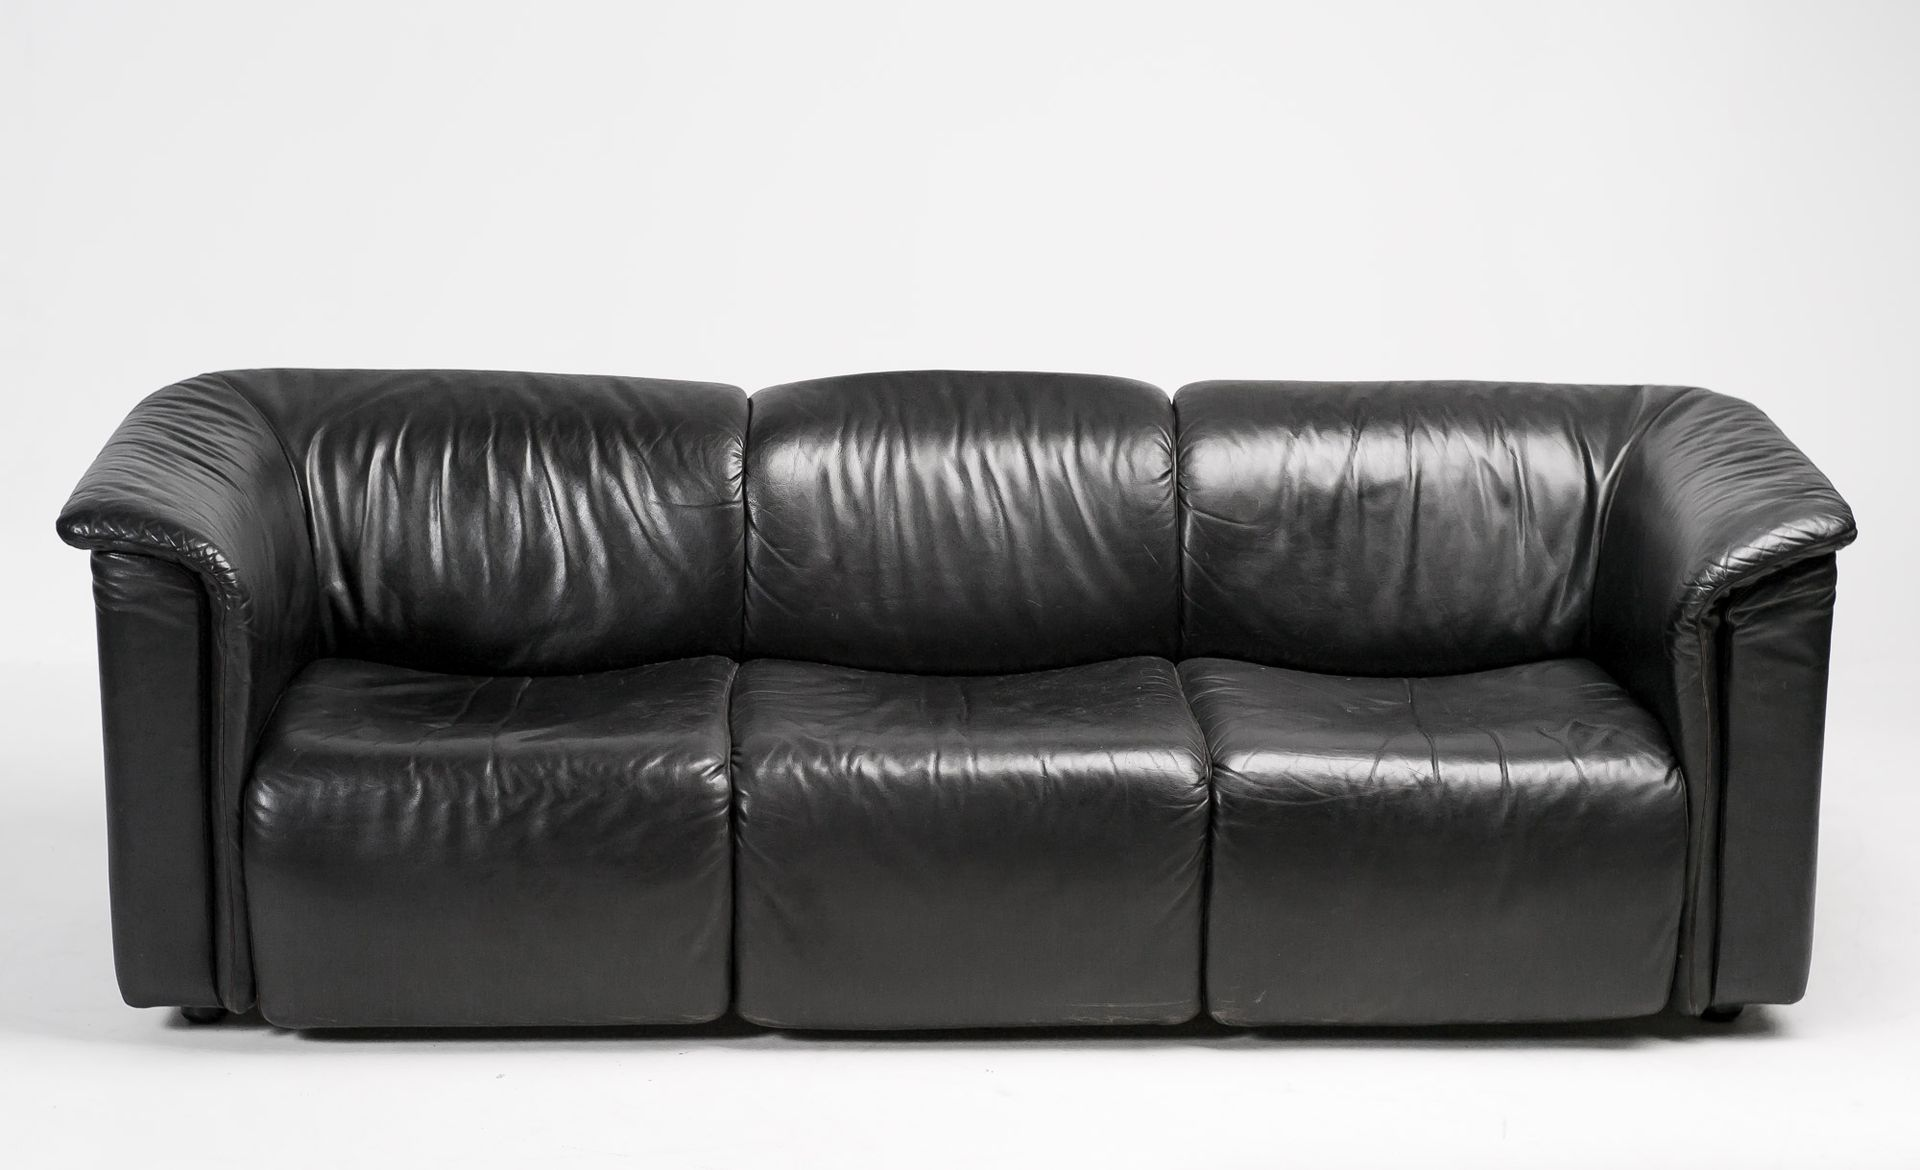 3 sitzer hochbarett ledersofa von wittmann moebel bei pamono kaufen. Black Bedroom Furniture Sets. Home Design Ideas